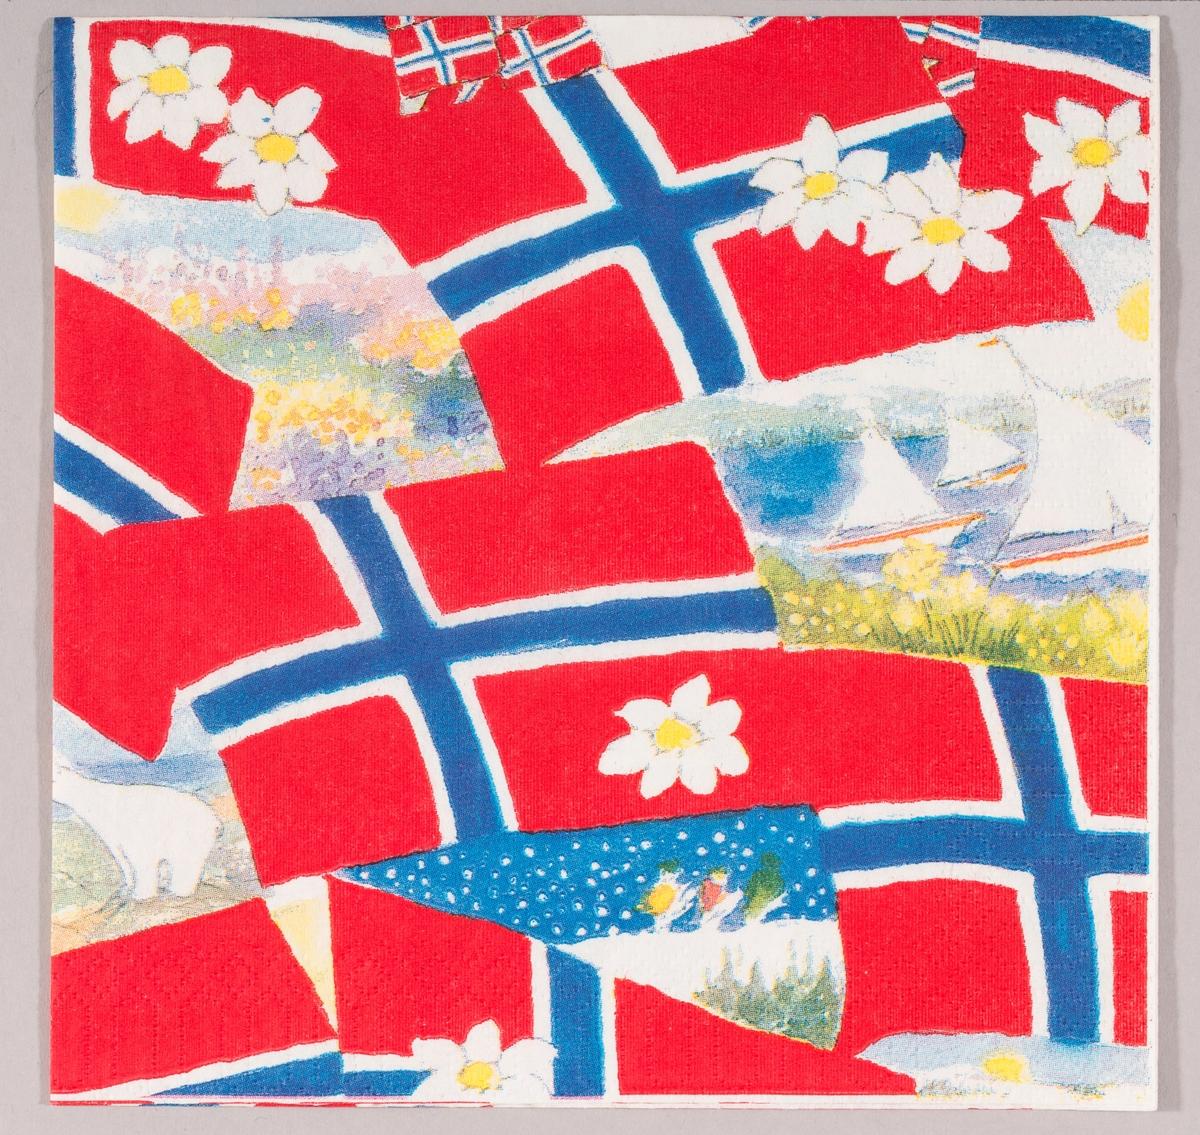 Norske flagg, hvite blomster og motiver med sommerlandskaper, båter i sjøen og vinterlandskaper.